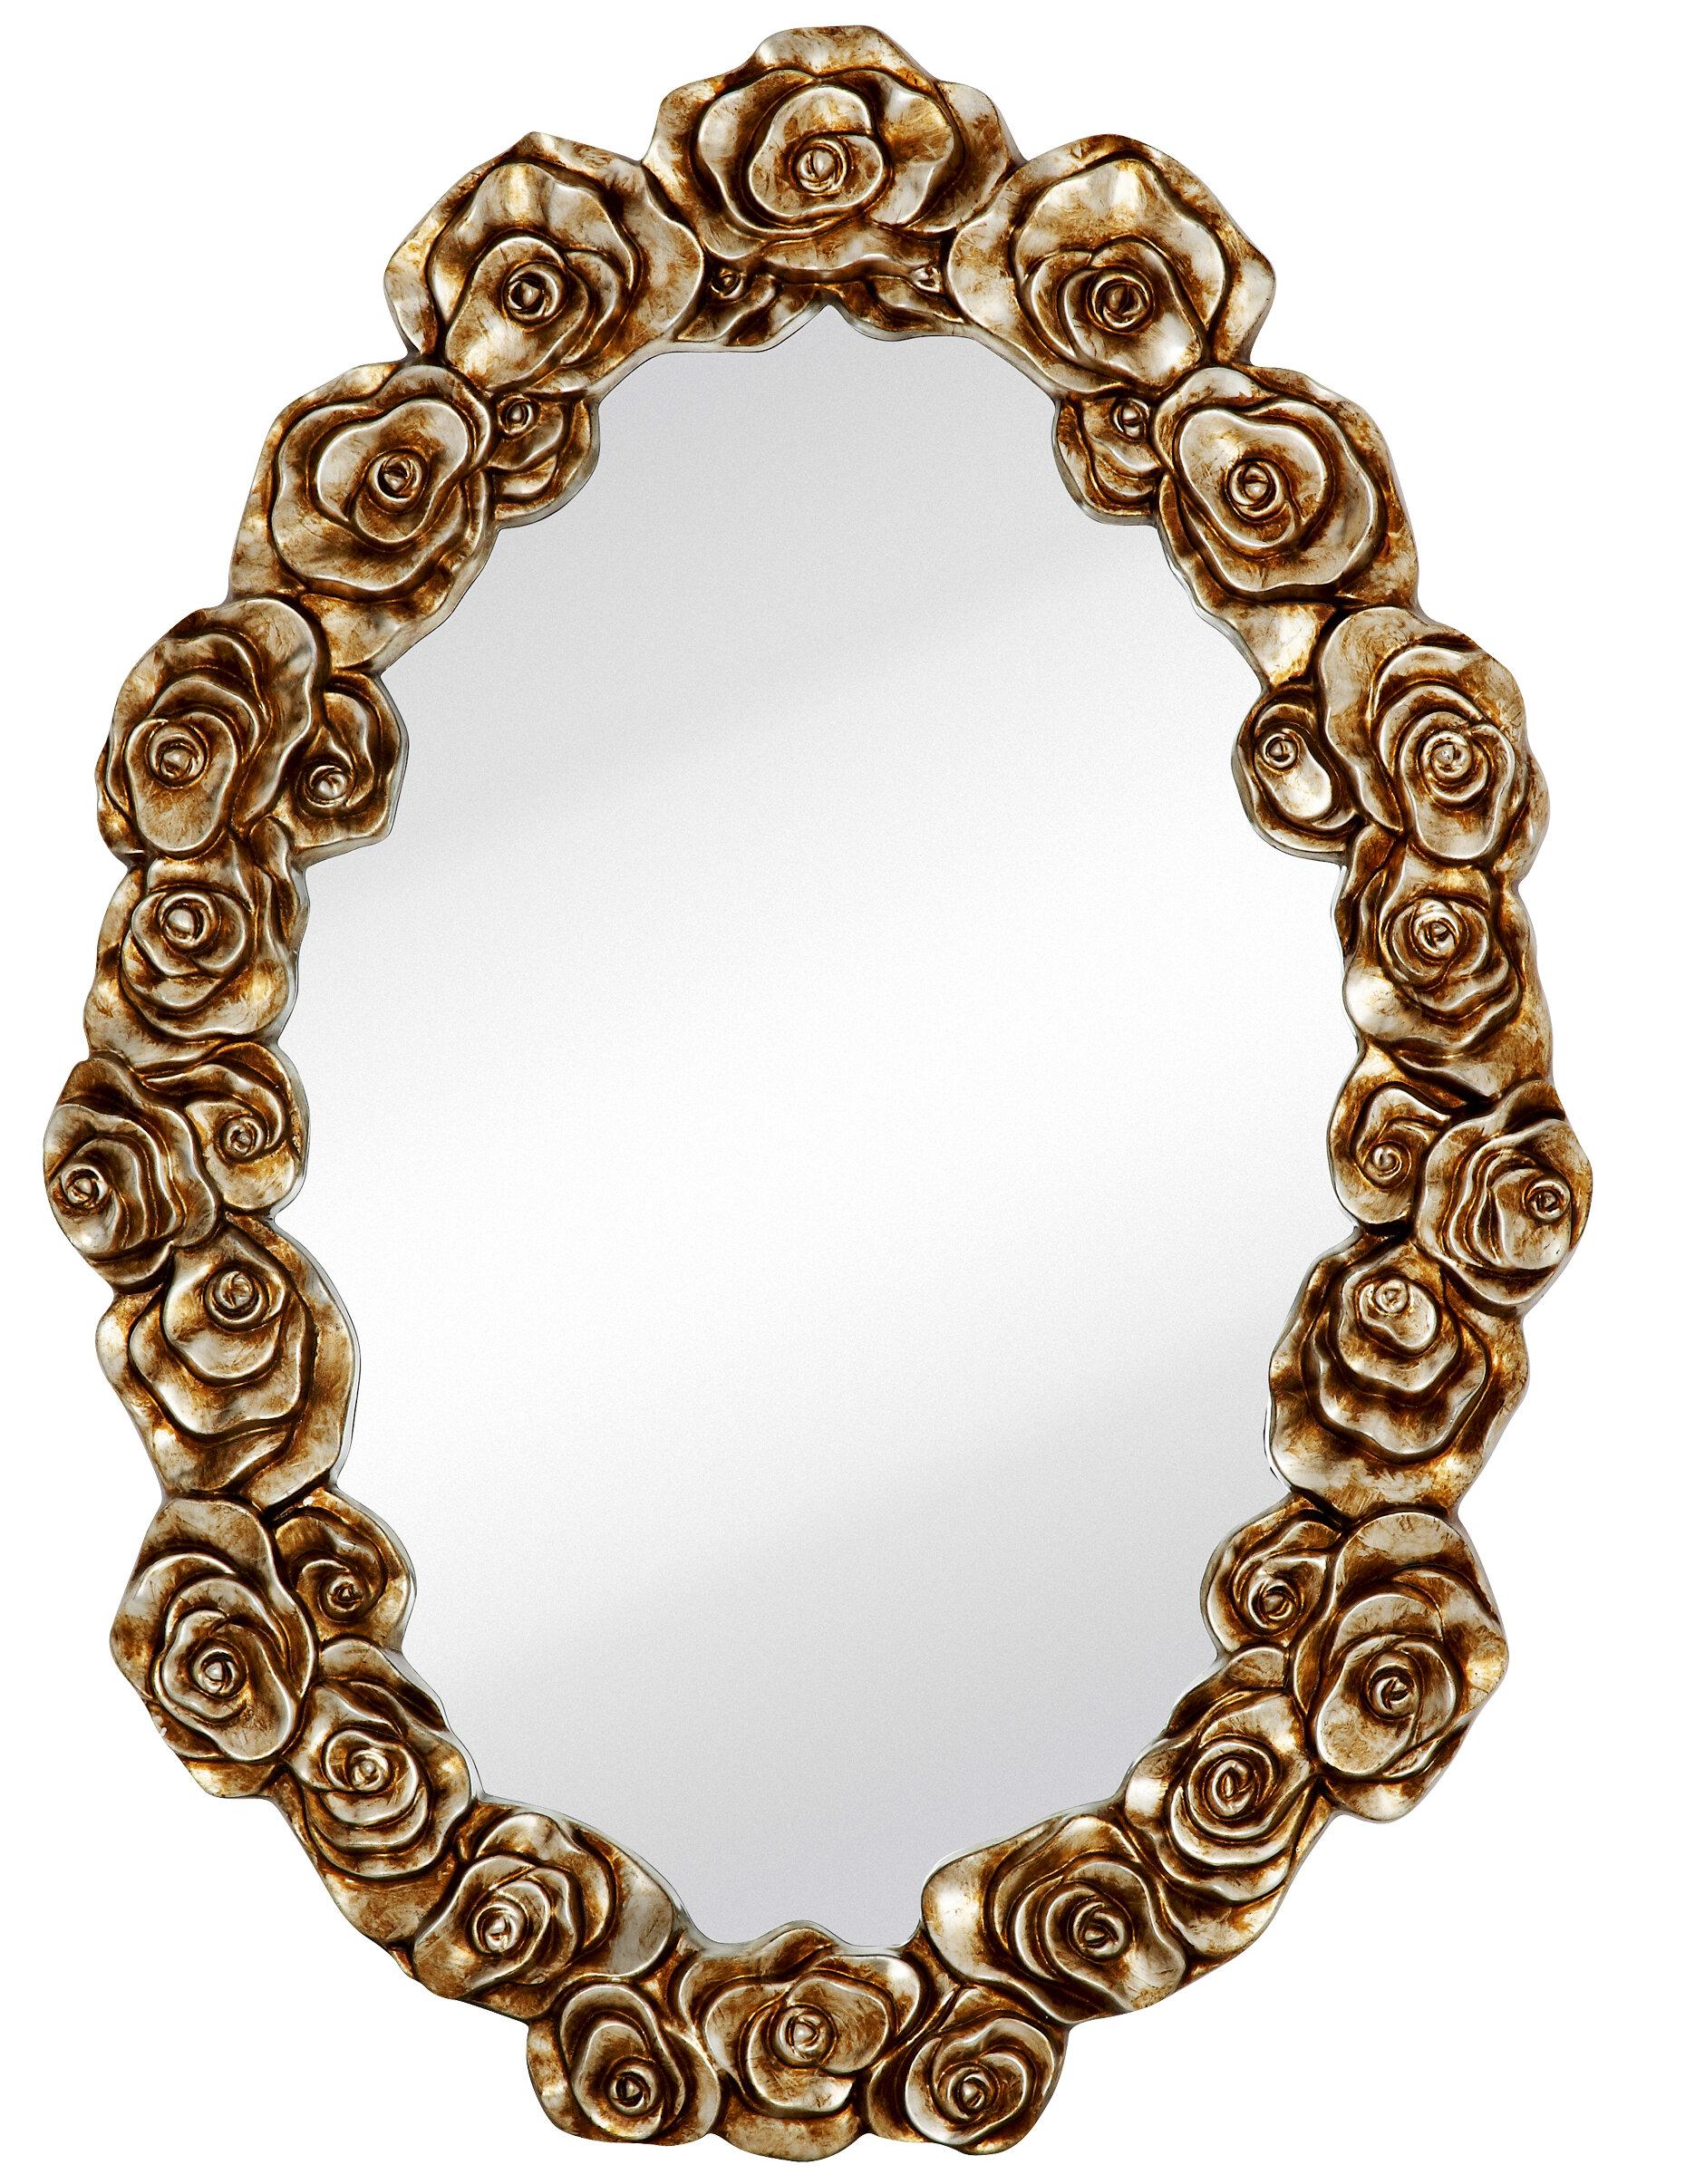 Majestic Mirror Oval Mirrors Perigold